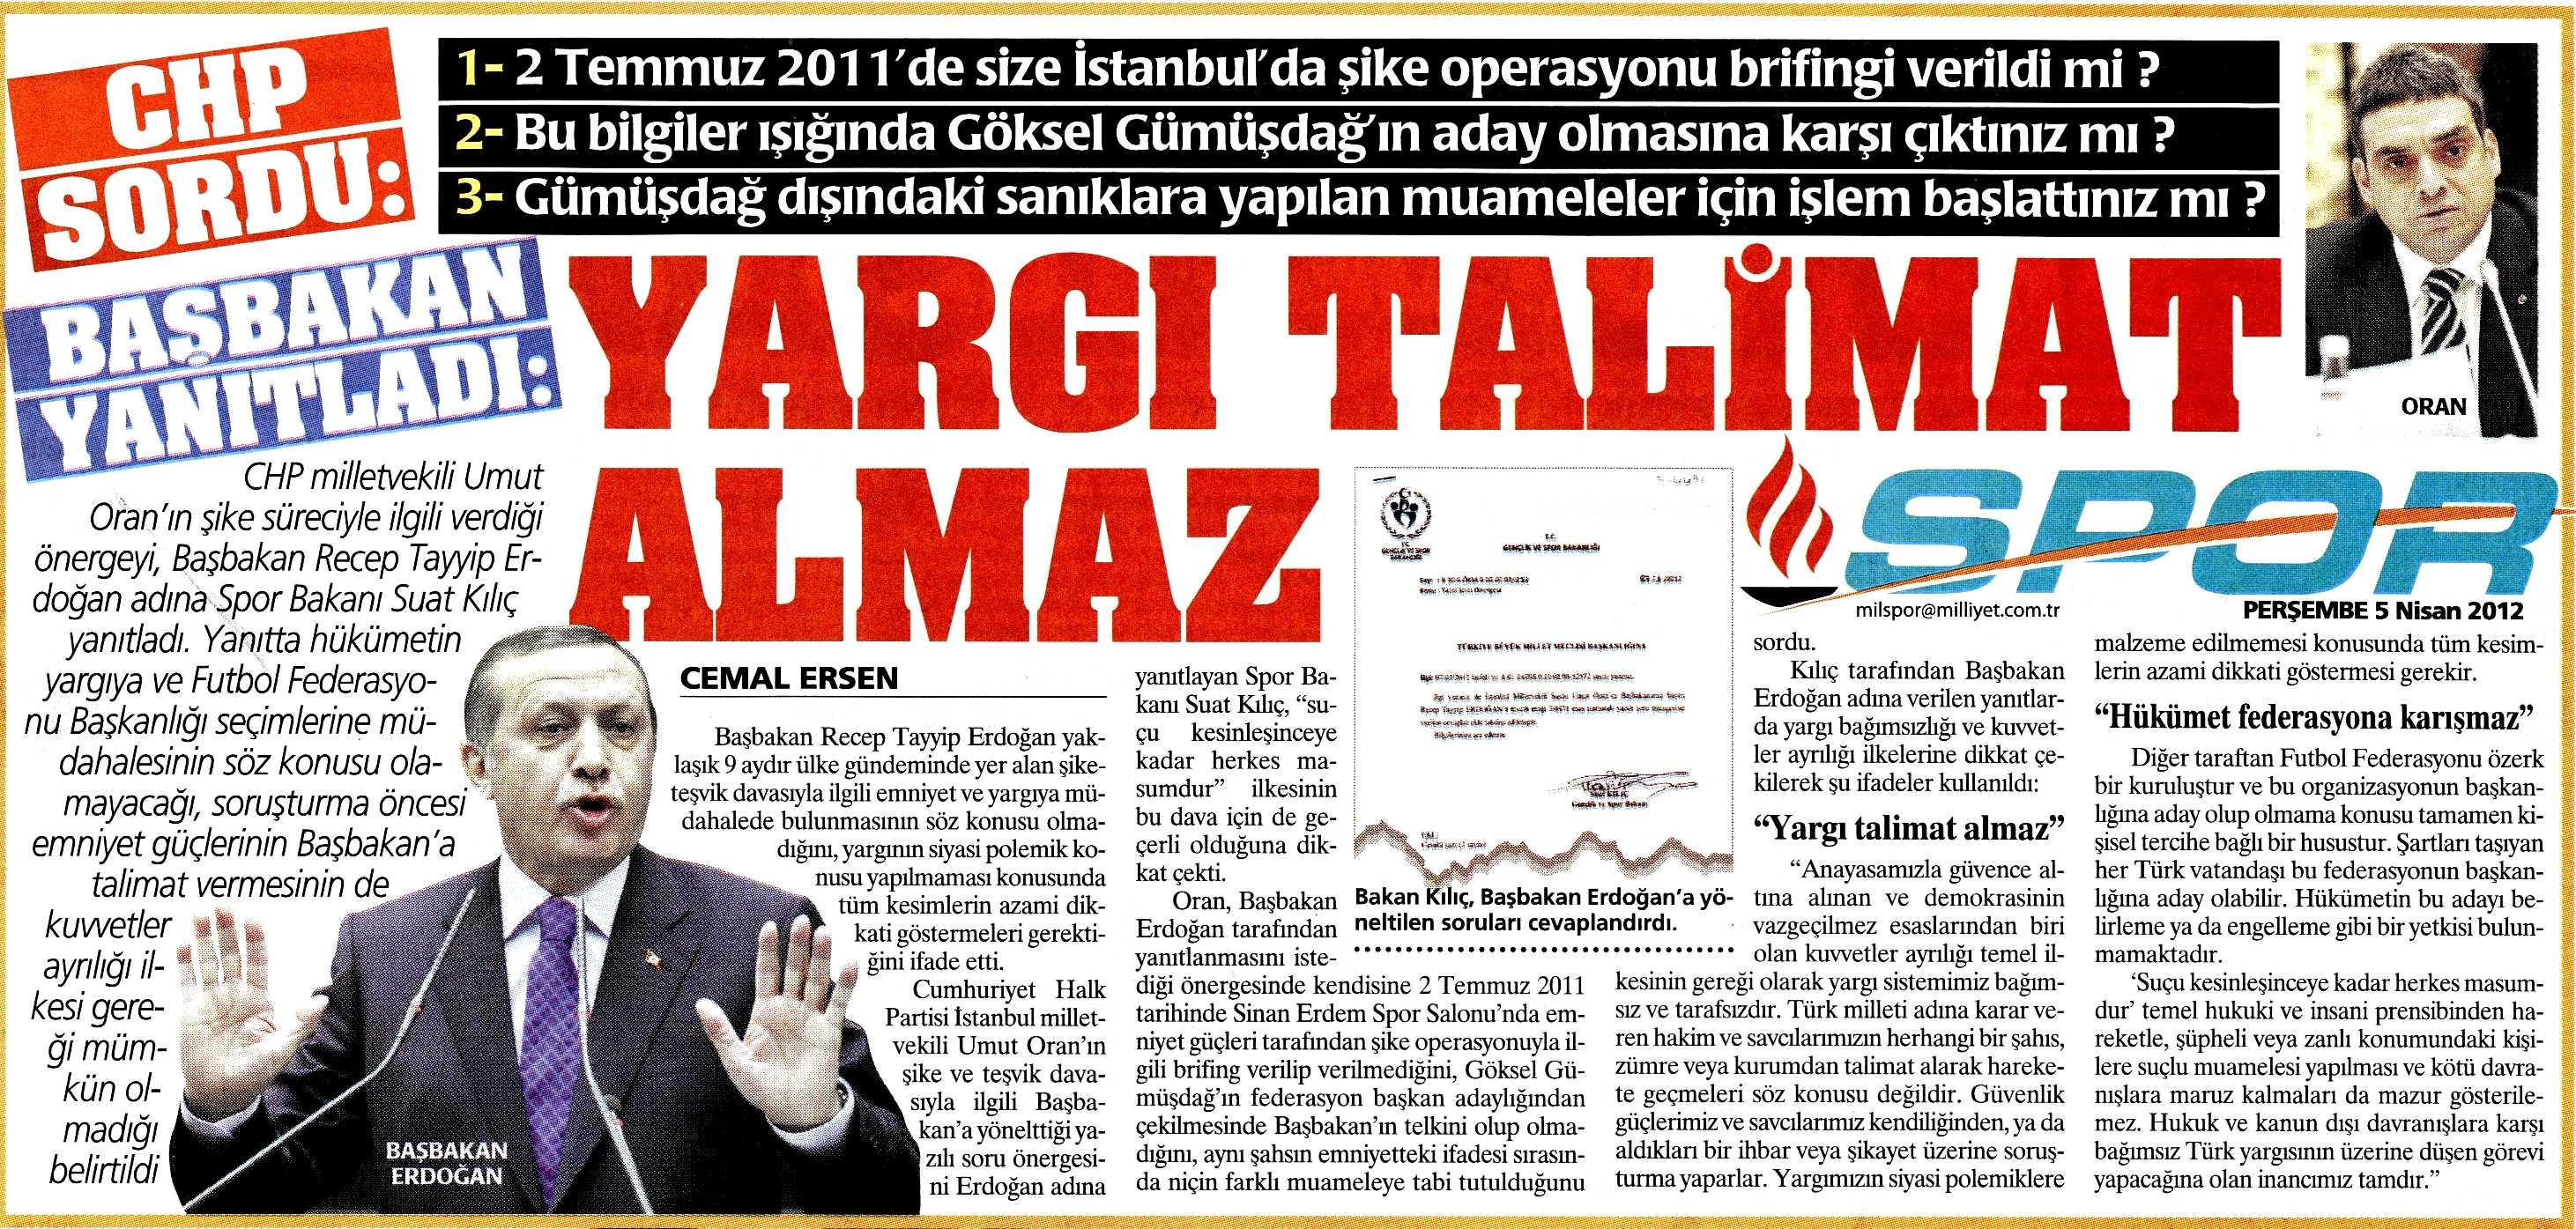 Umut Oran'ın şike süreciyle ilgili verdiği önergeyi, Başbakan Recep Tayyip Erdoğan adına Spor Bakanı Suat Kılıç yanıtladı